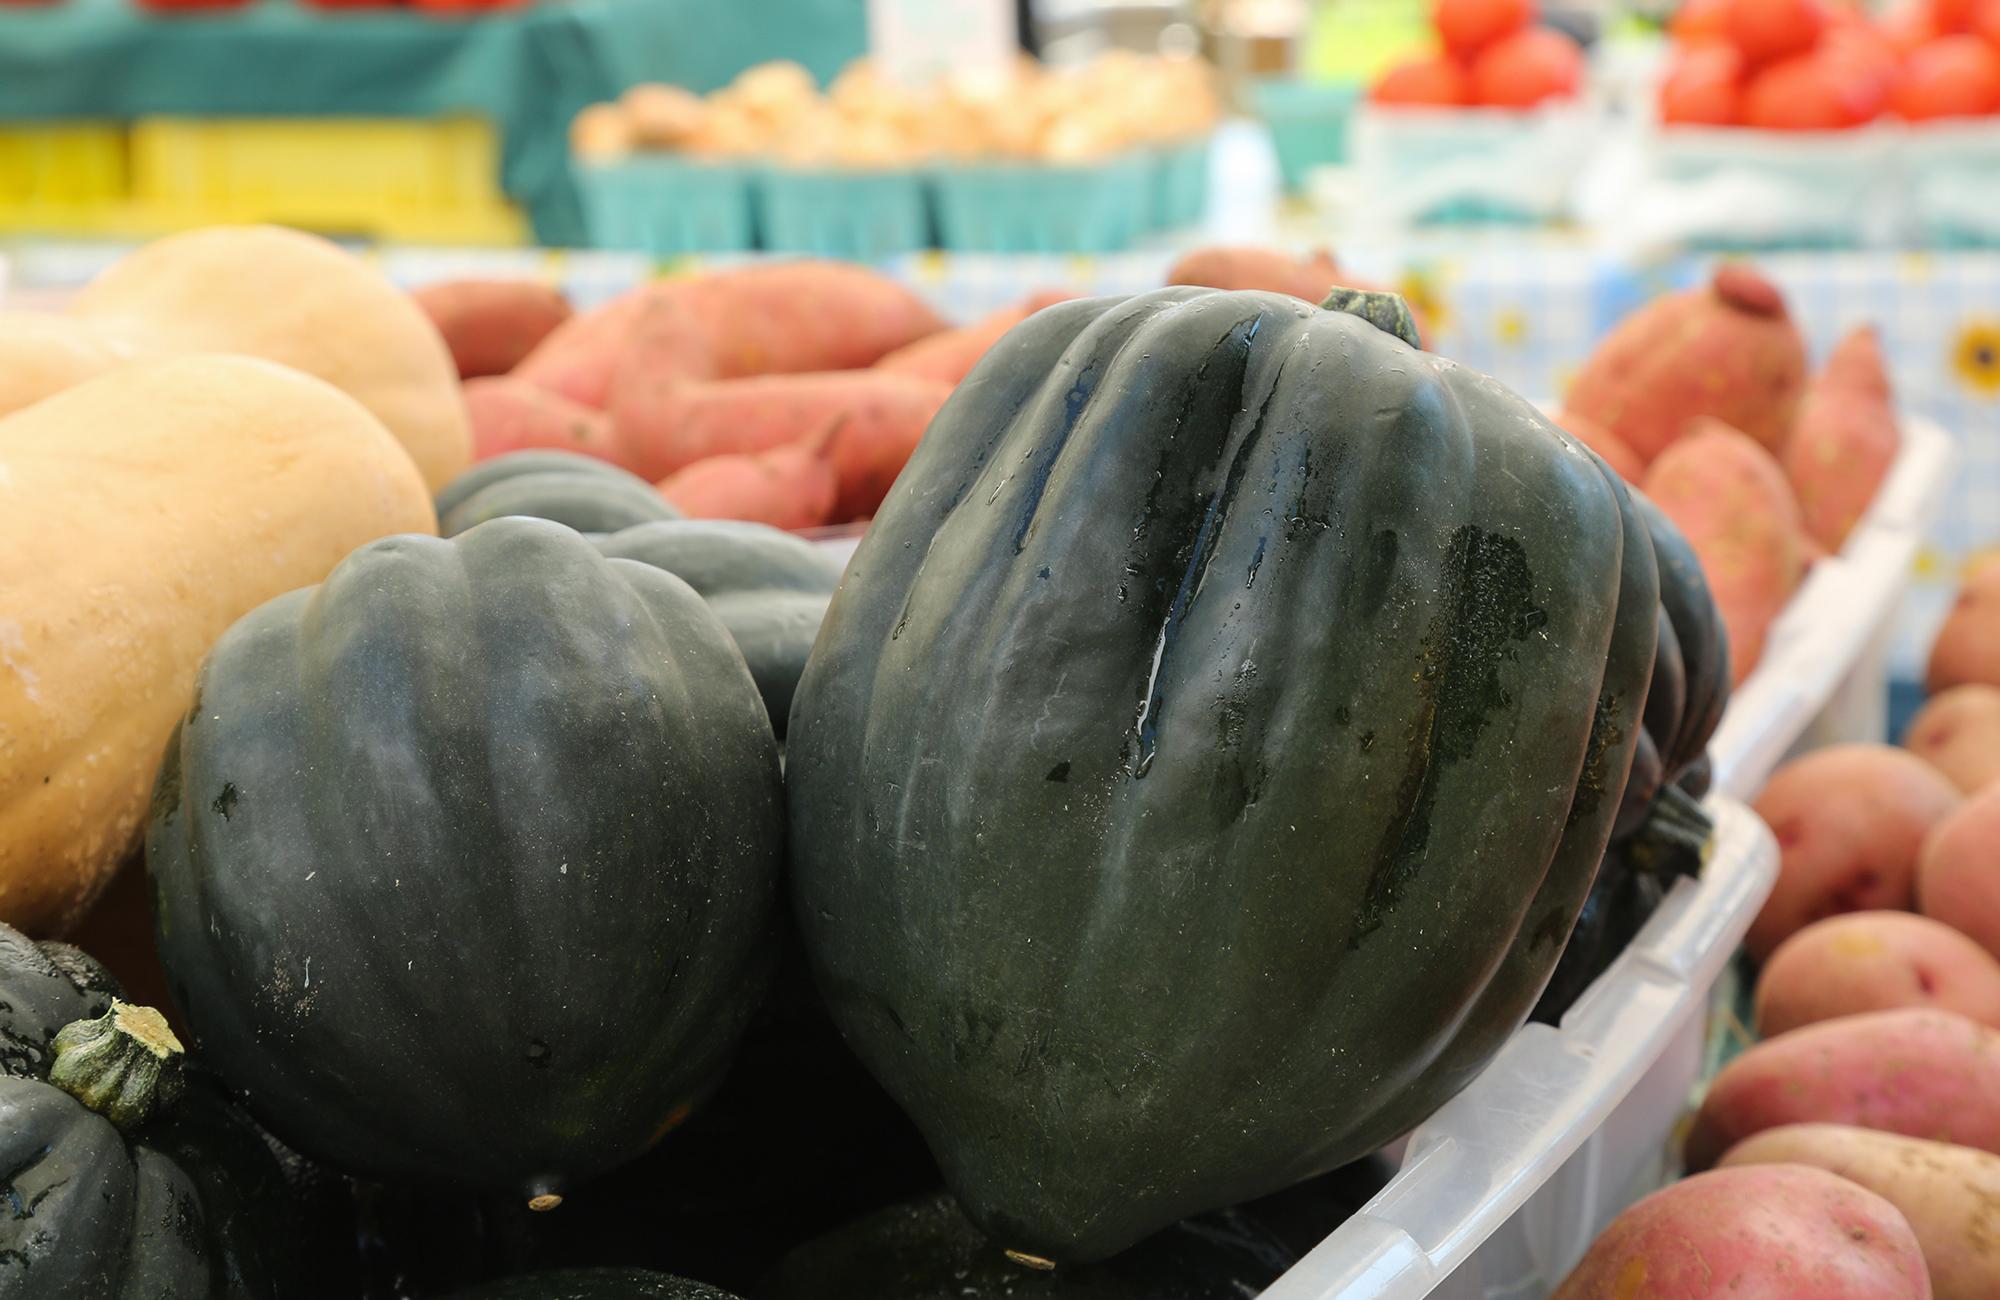 Picture of fresh acorn squash